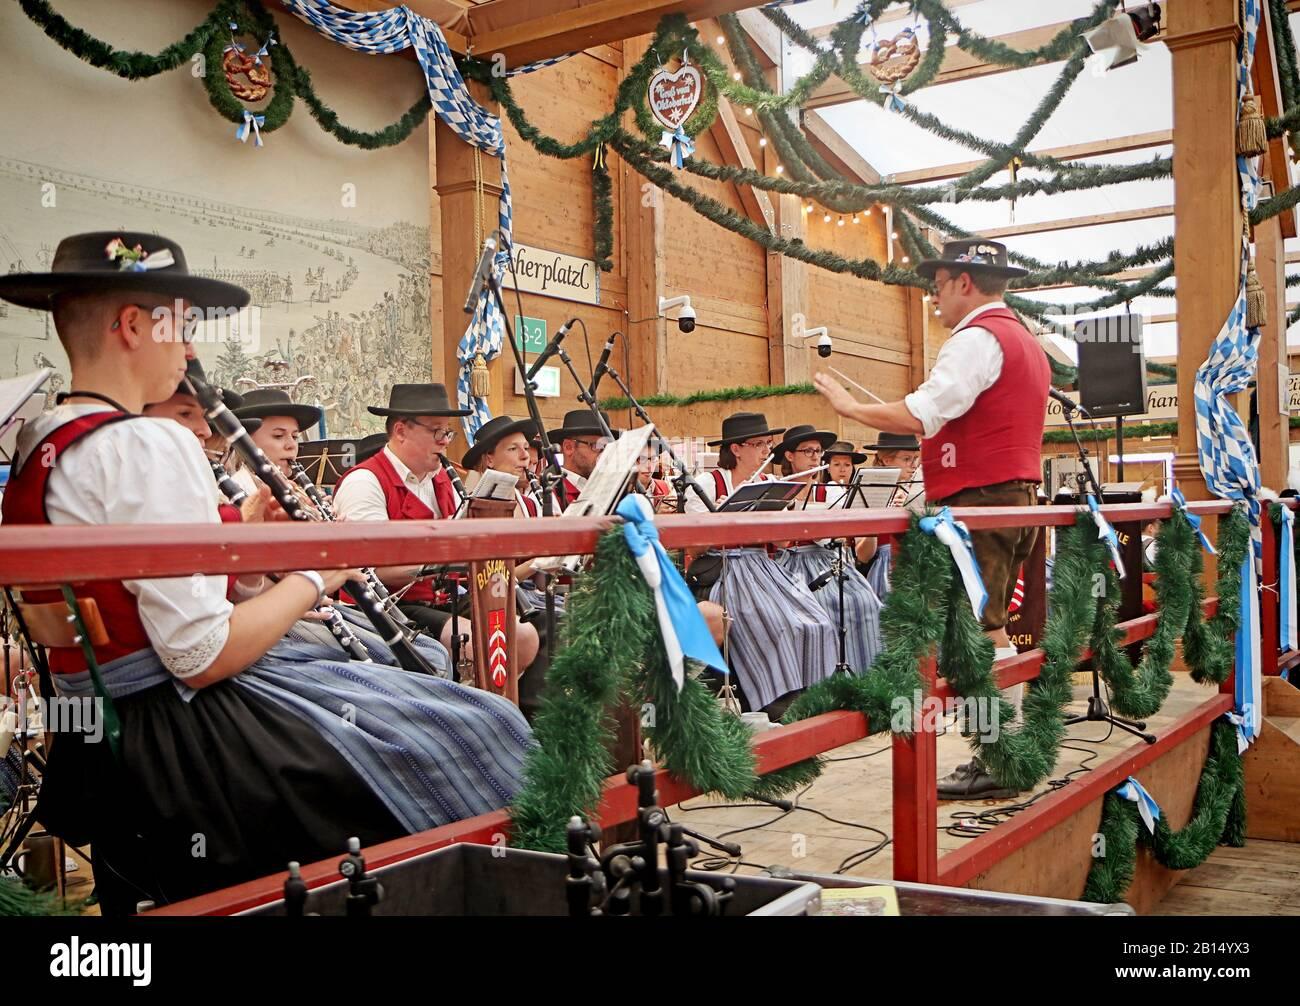 Múnich, ALEMANIA - 1 DE OCTUBRE de 2019 B y la música tradicional en traje bávaro en una tienda de cerveza de Oide Wiesn parte histórica de la Oktoberfest Foto de stock